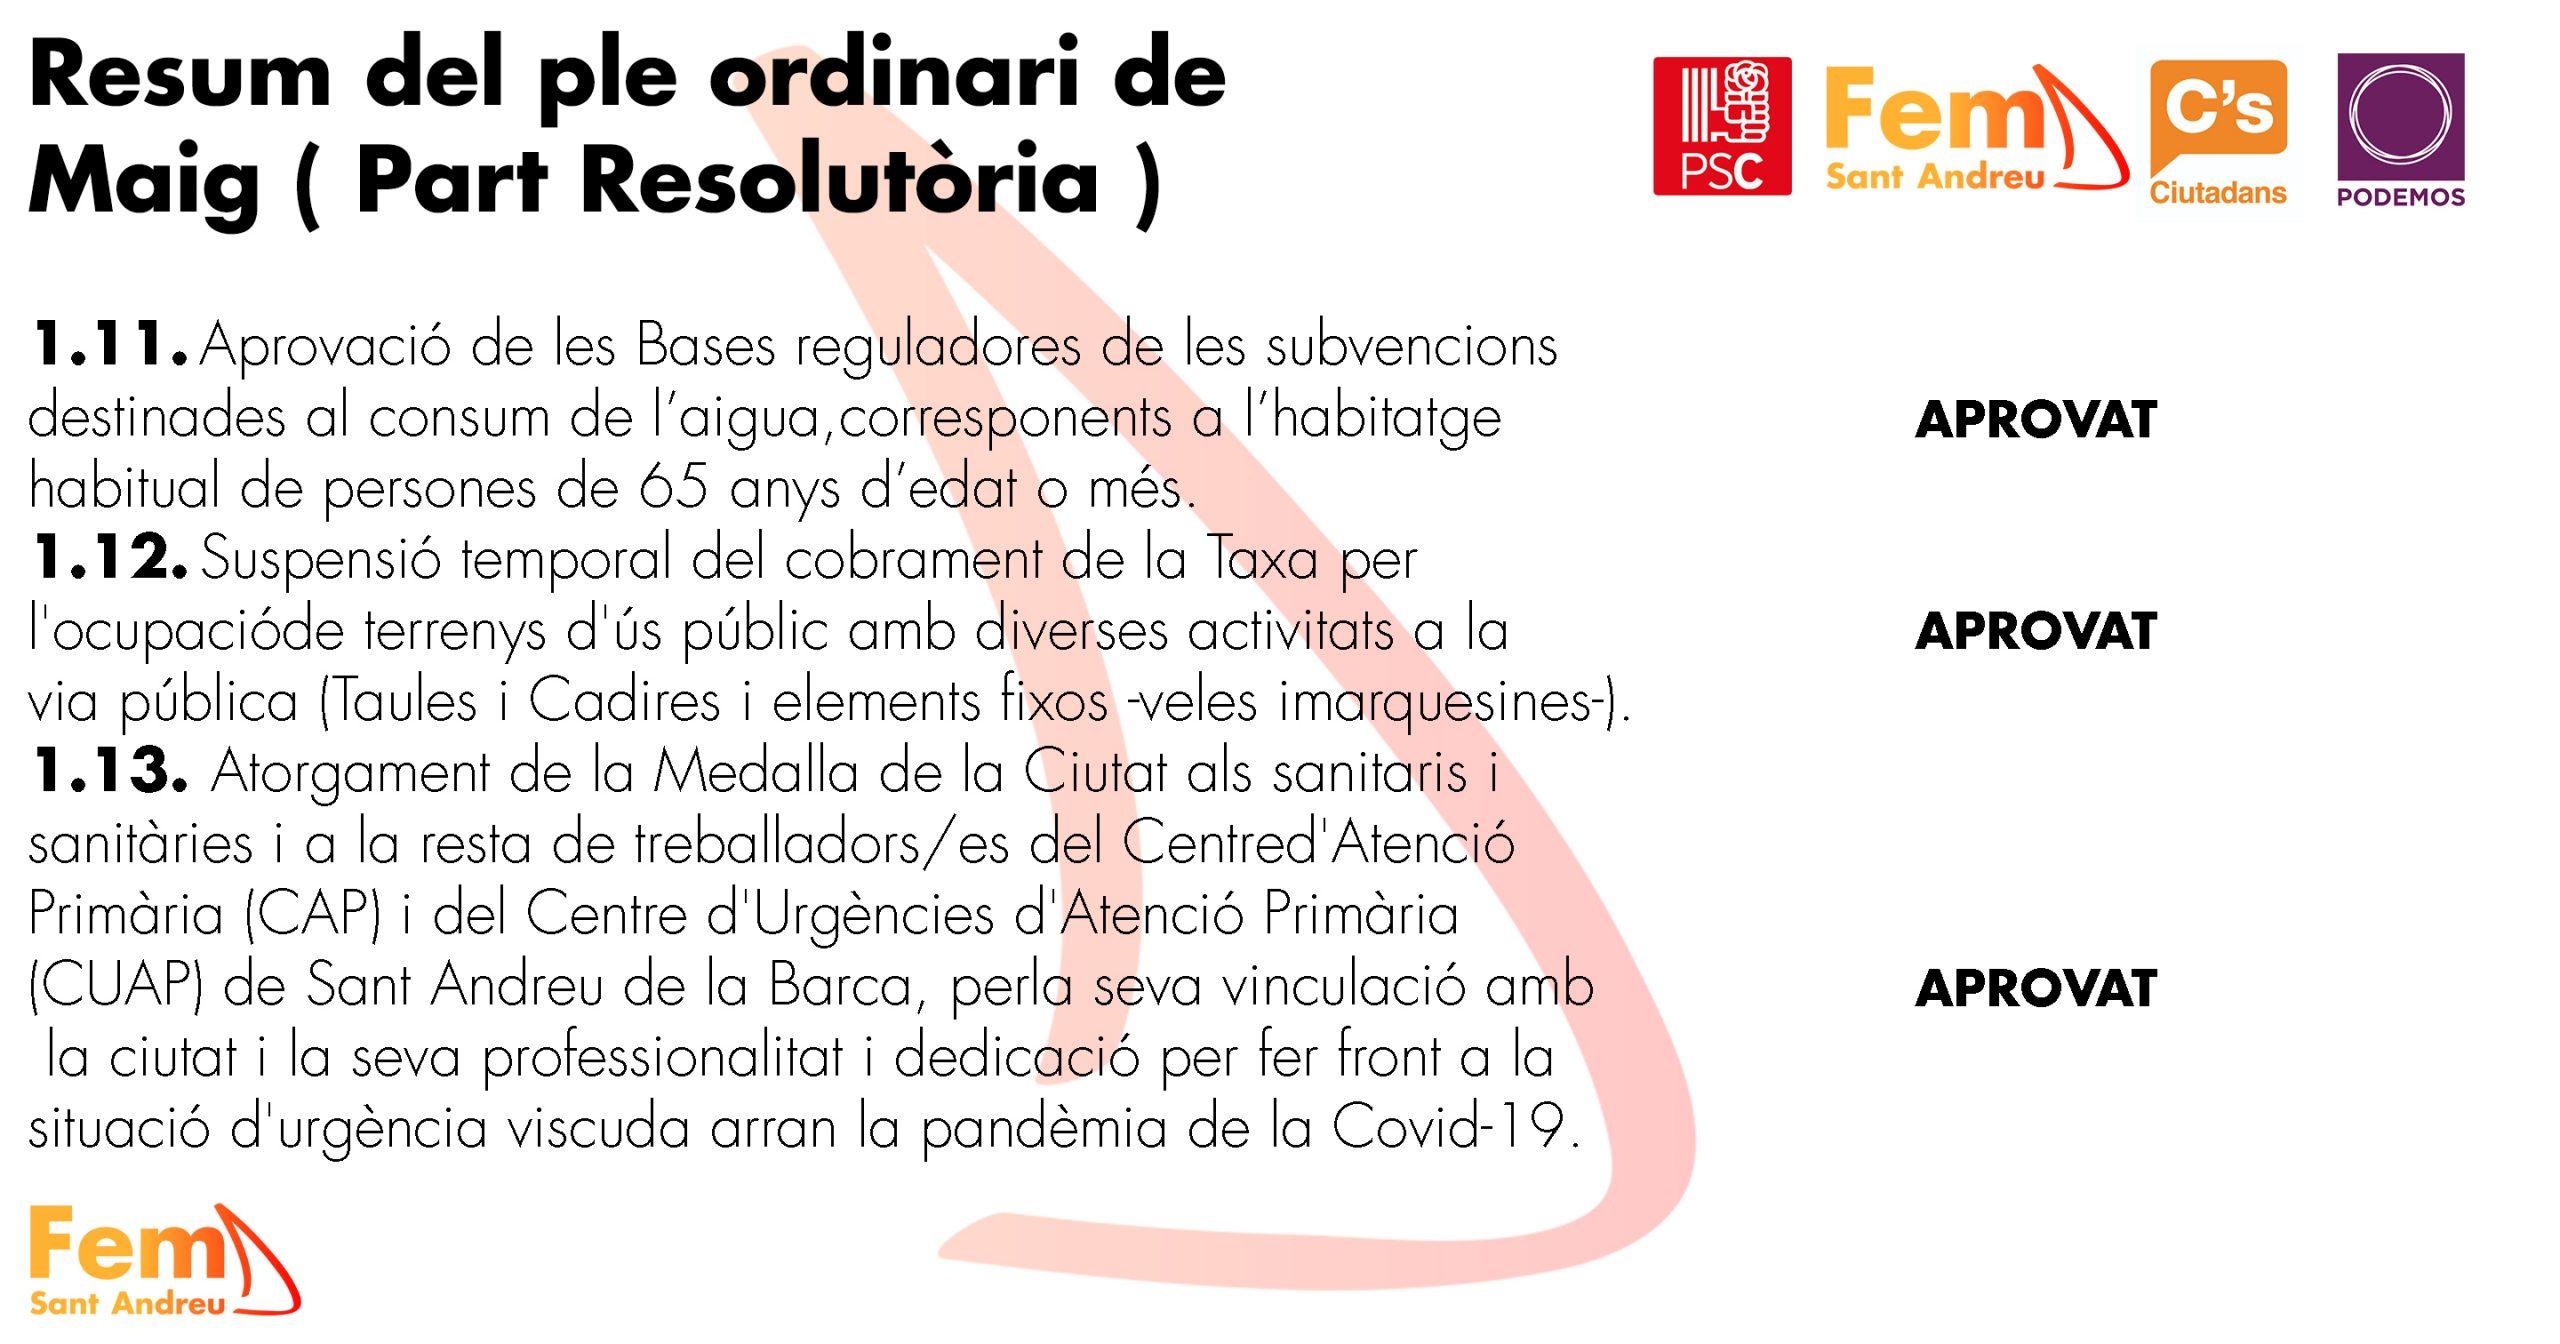 Comunicacio_ple_resolutoria_2_maig